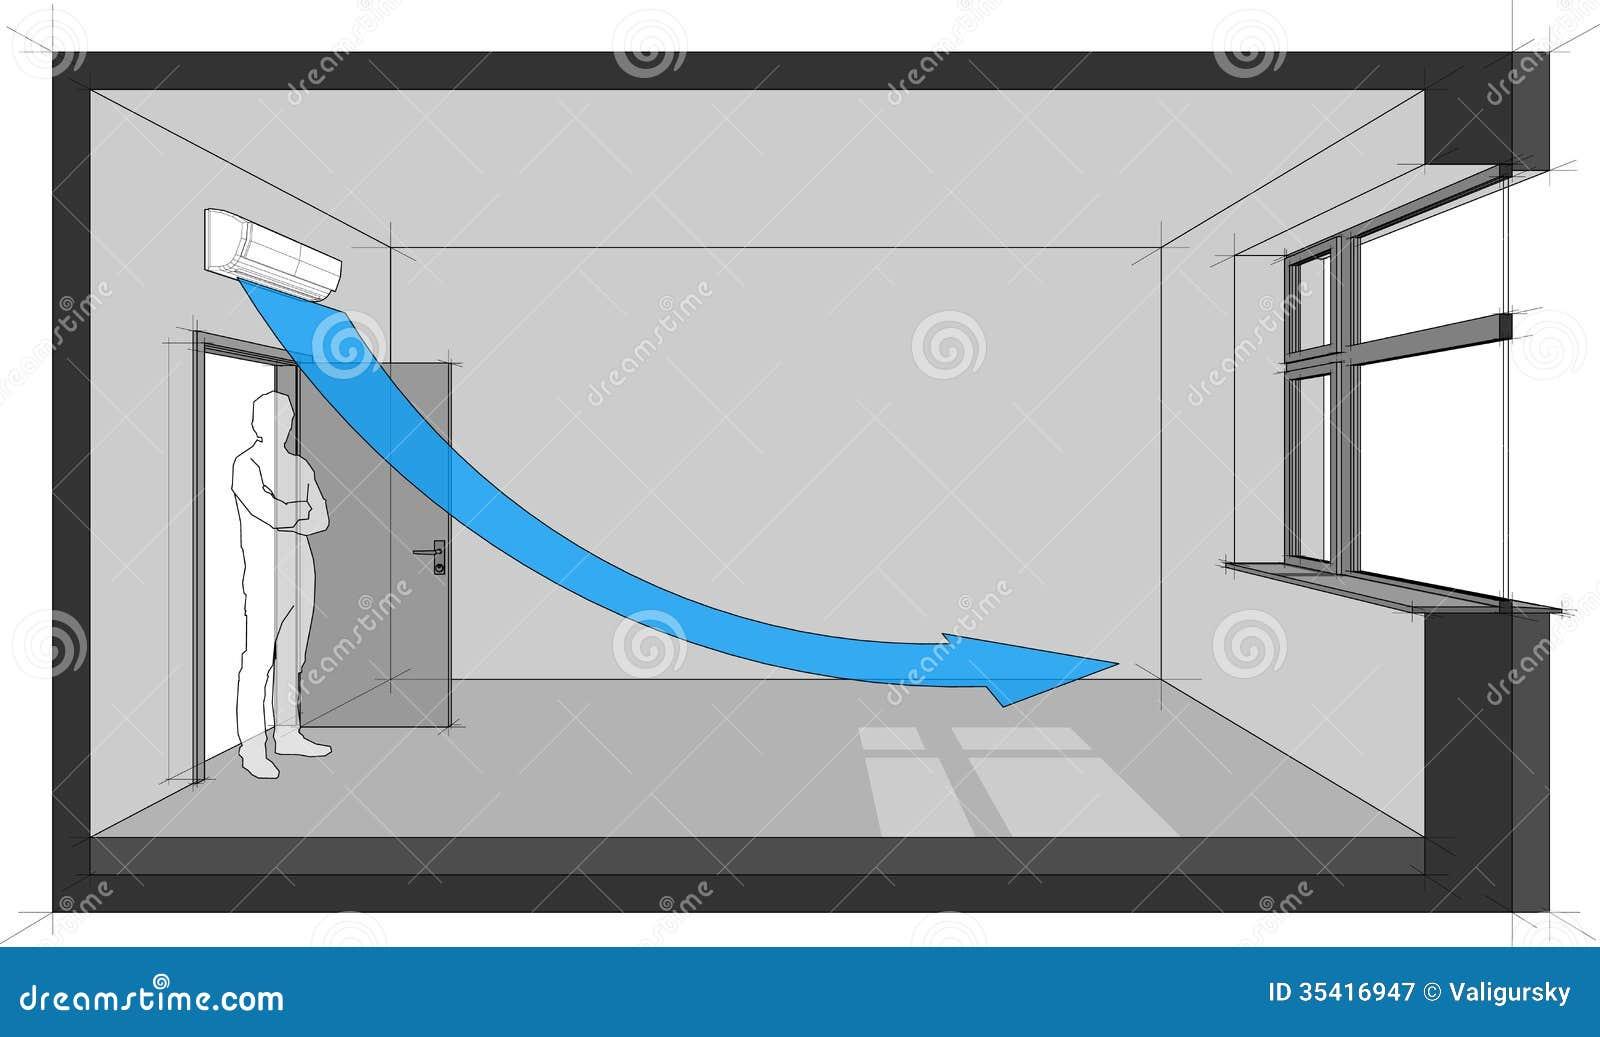 De eenheidsdiagram van de muurlucht conditiong